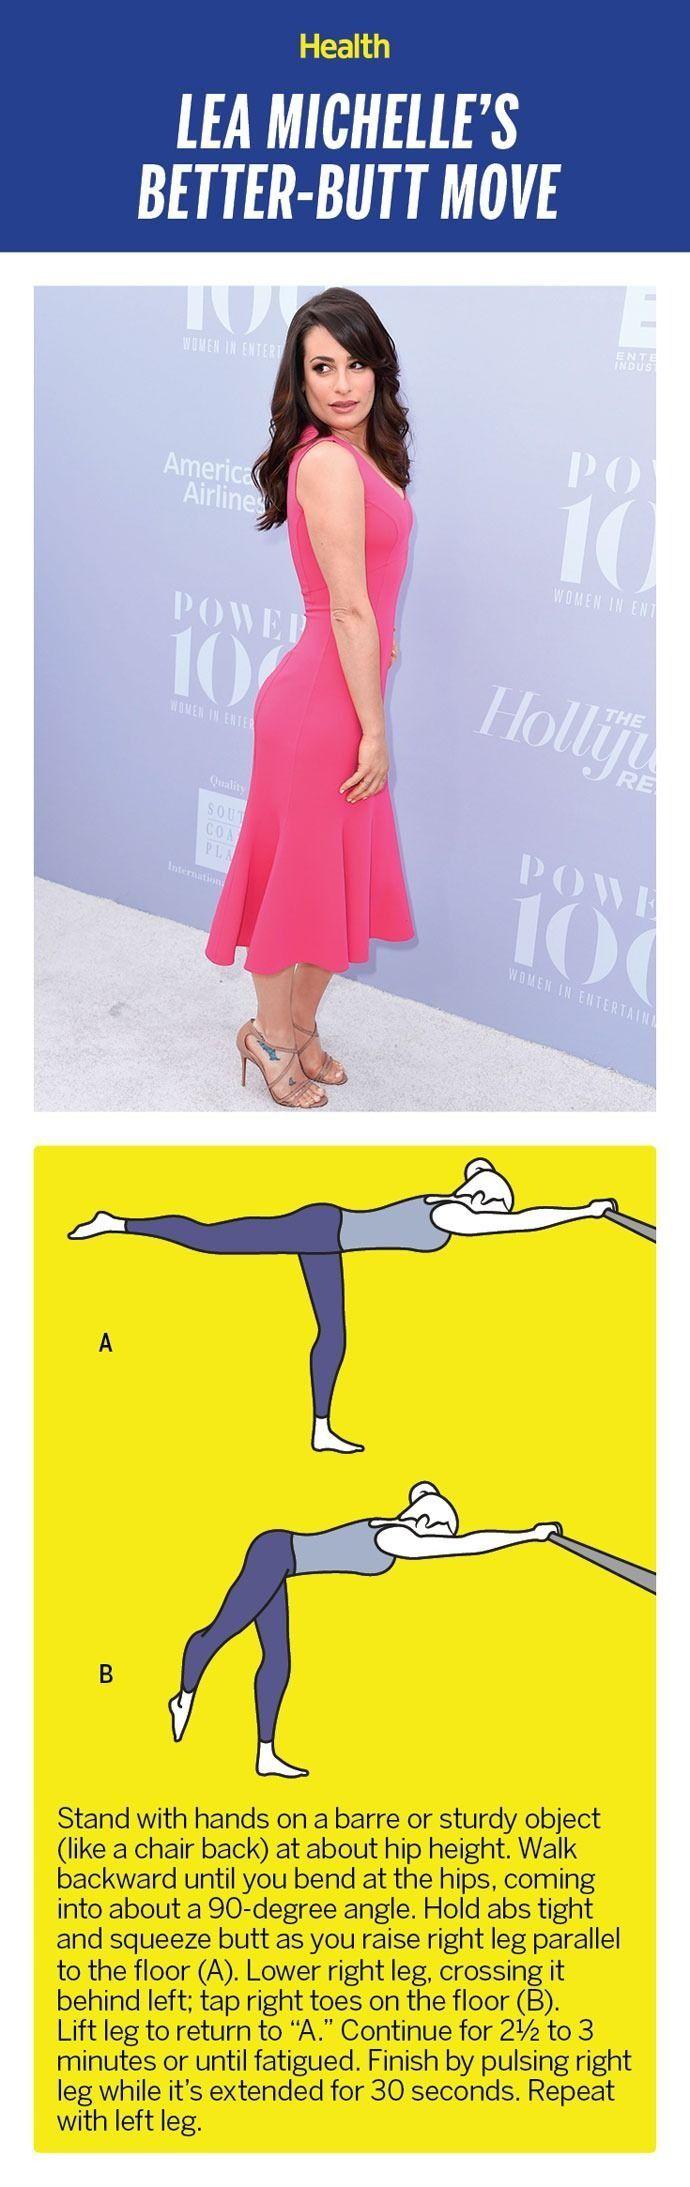 Get a booty like Lea Michele. | Health.com